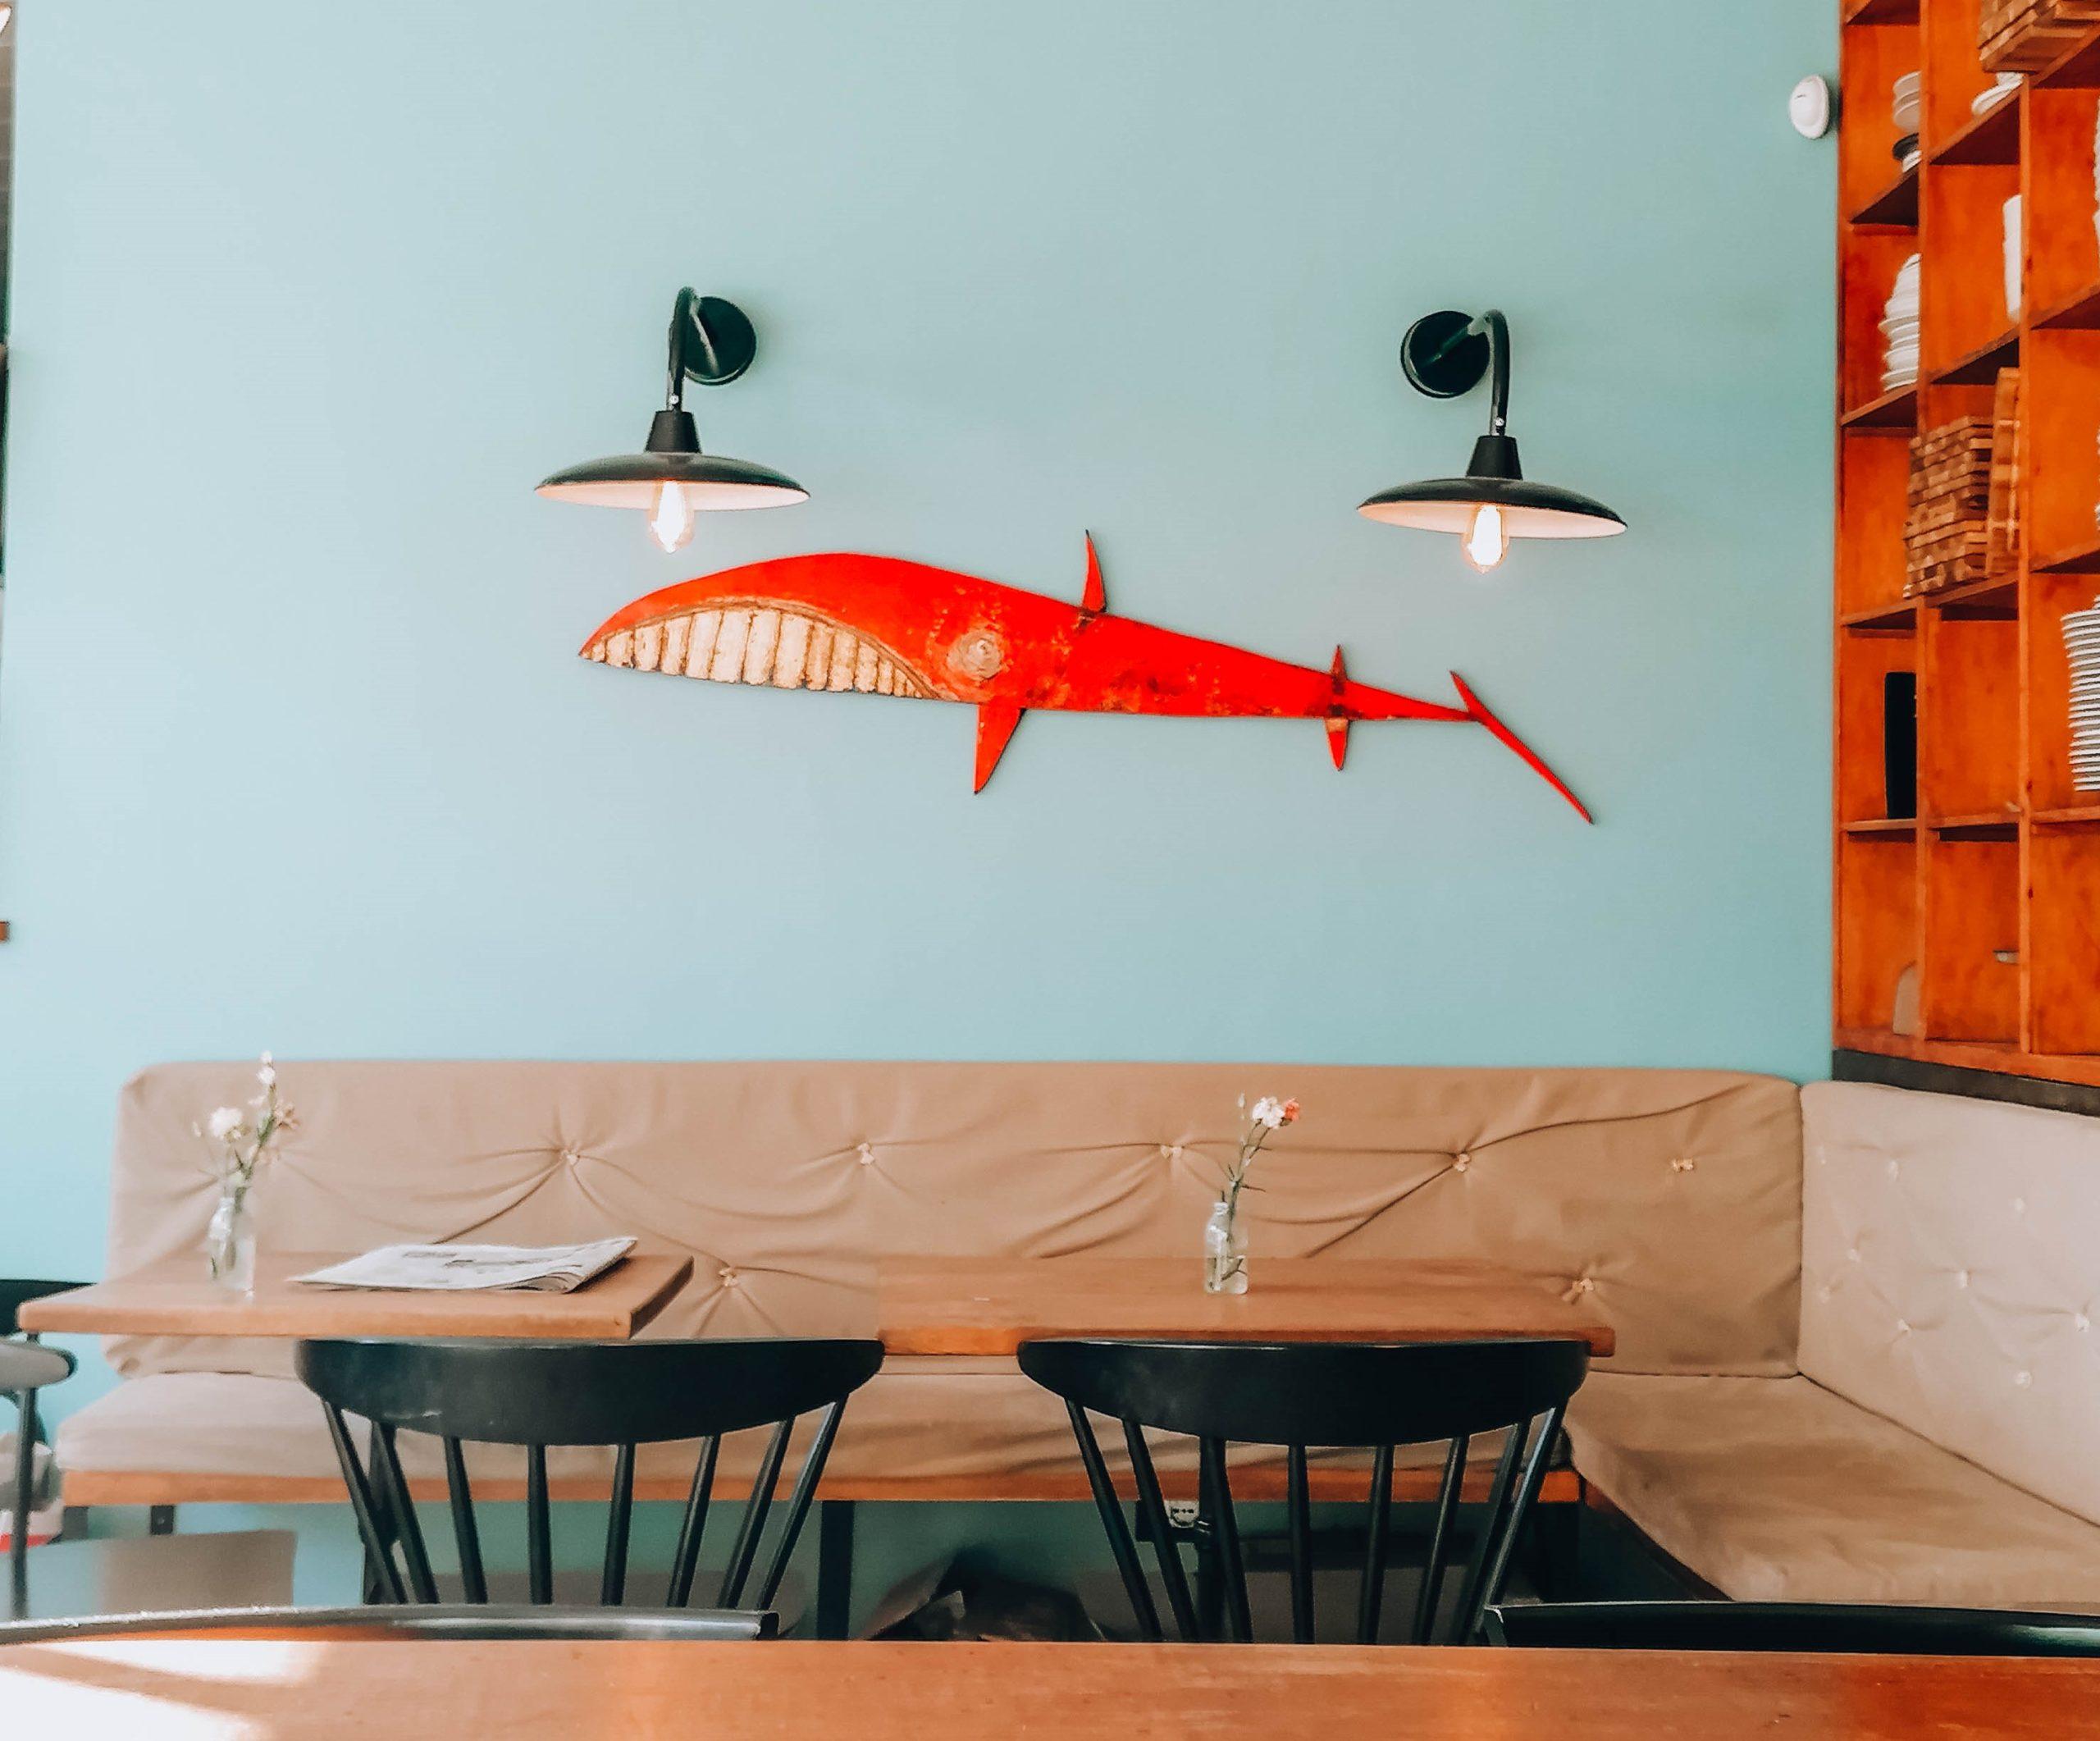 interno di locale con tavolo legno, divanetti e squalo appeso alla parete